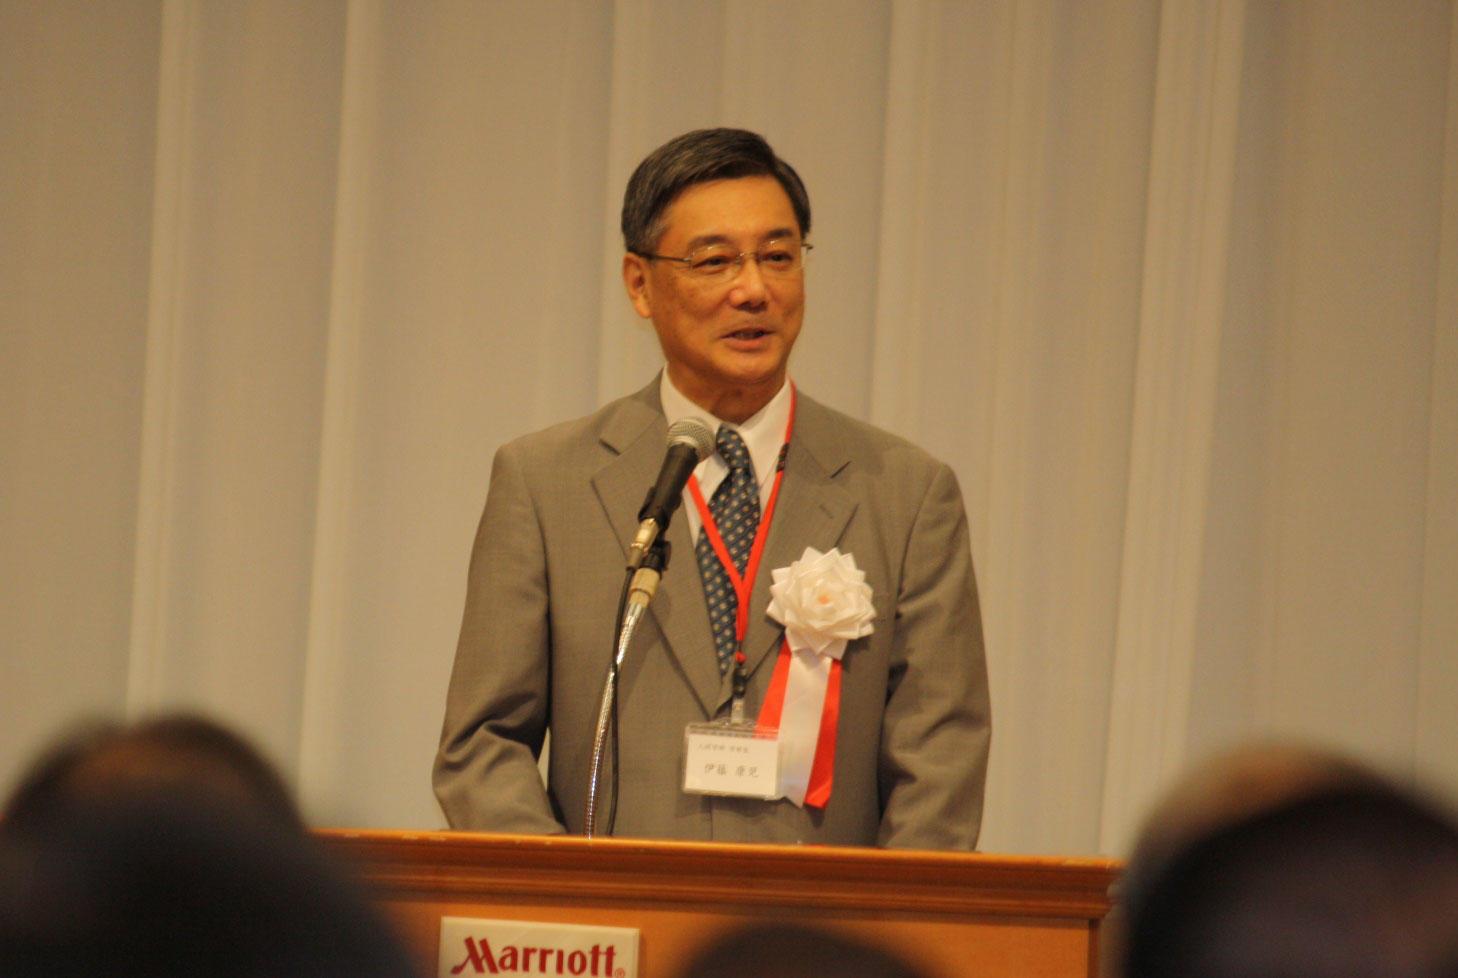 主催者を代表してあいさつする伊藤学部長